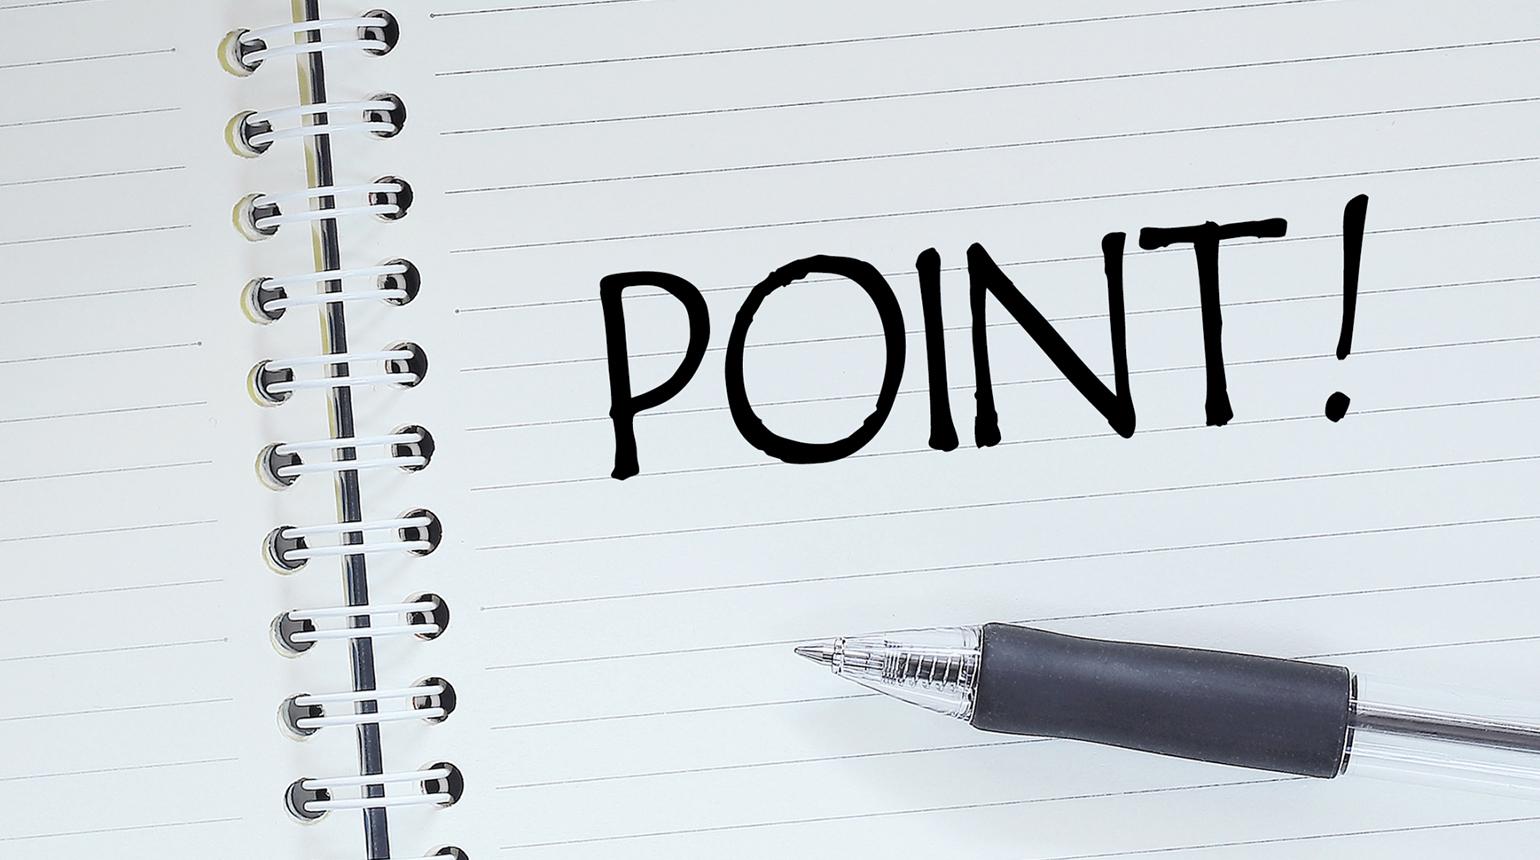 長期保有で利益を狙うための3つのポイント